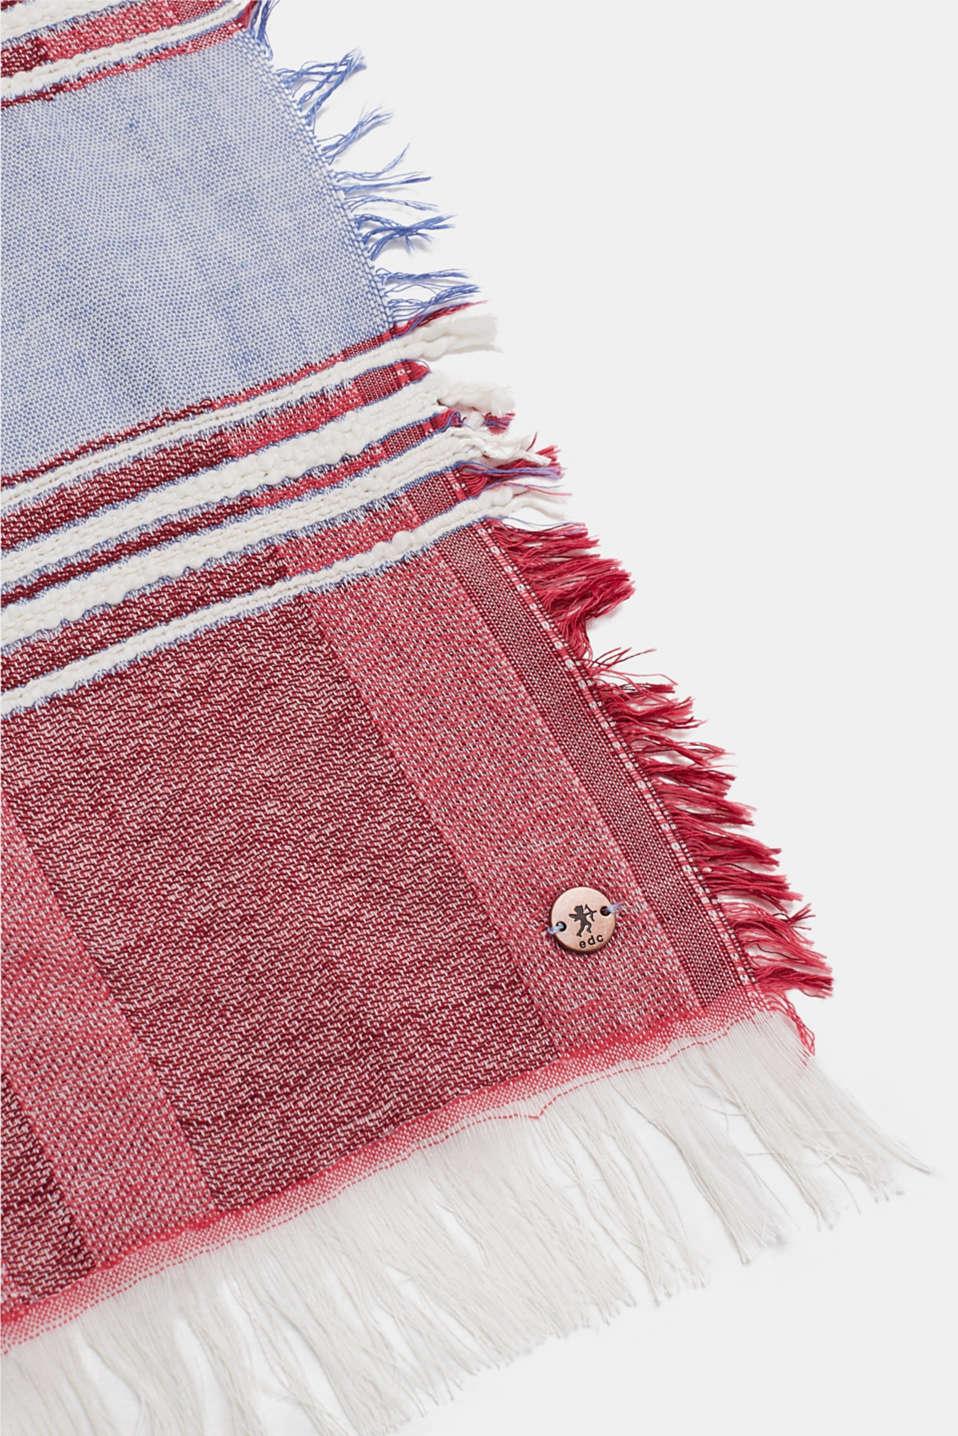 Shawls/Scarves, BLUE, detail image number 2